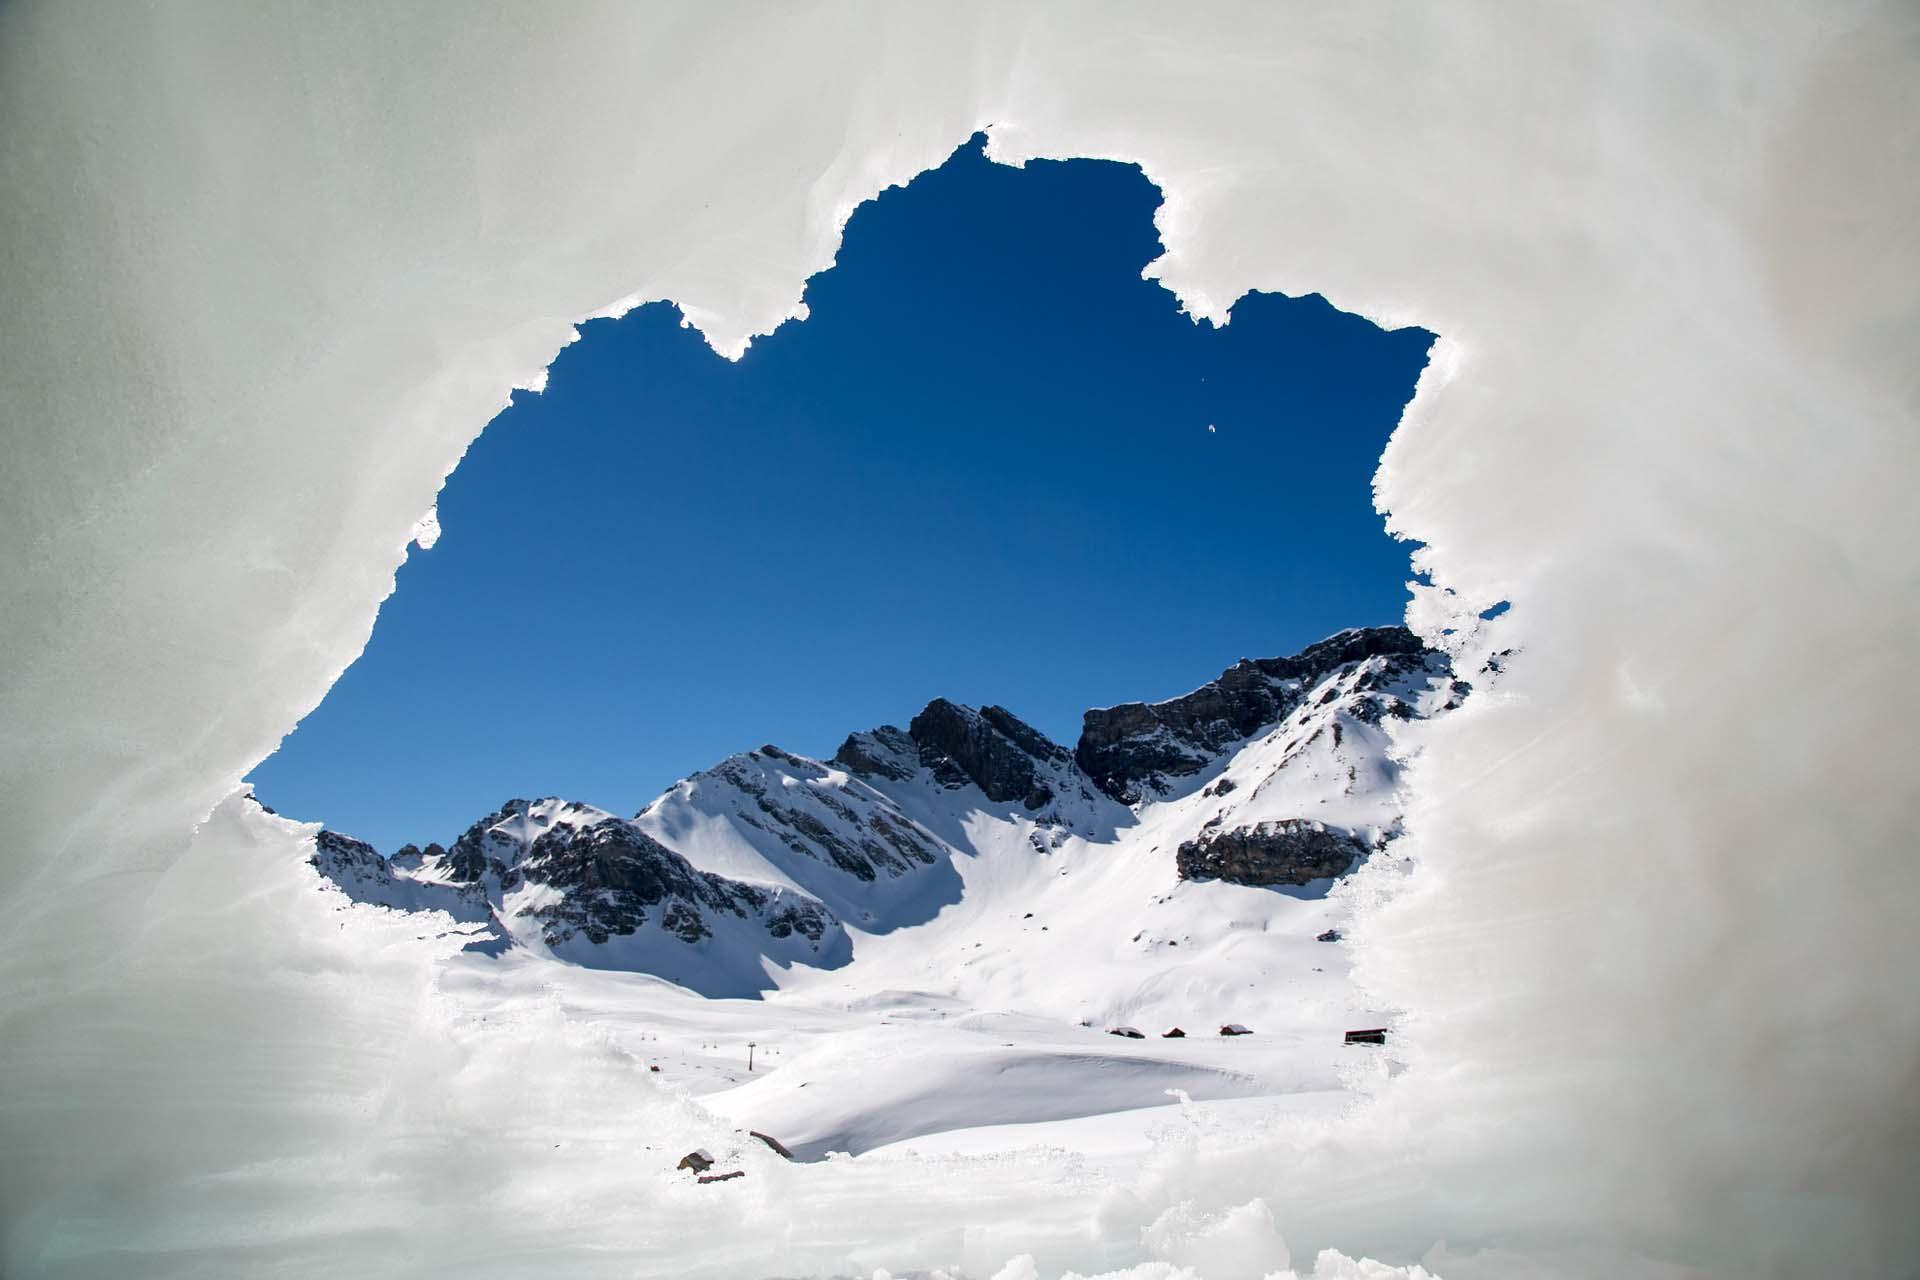 Windschutz Schneehöhle